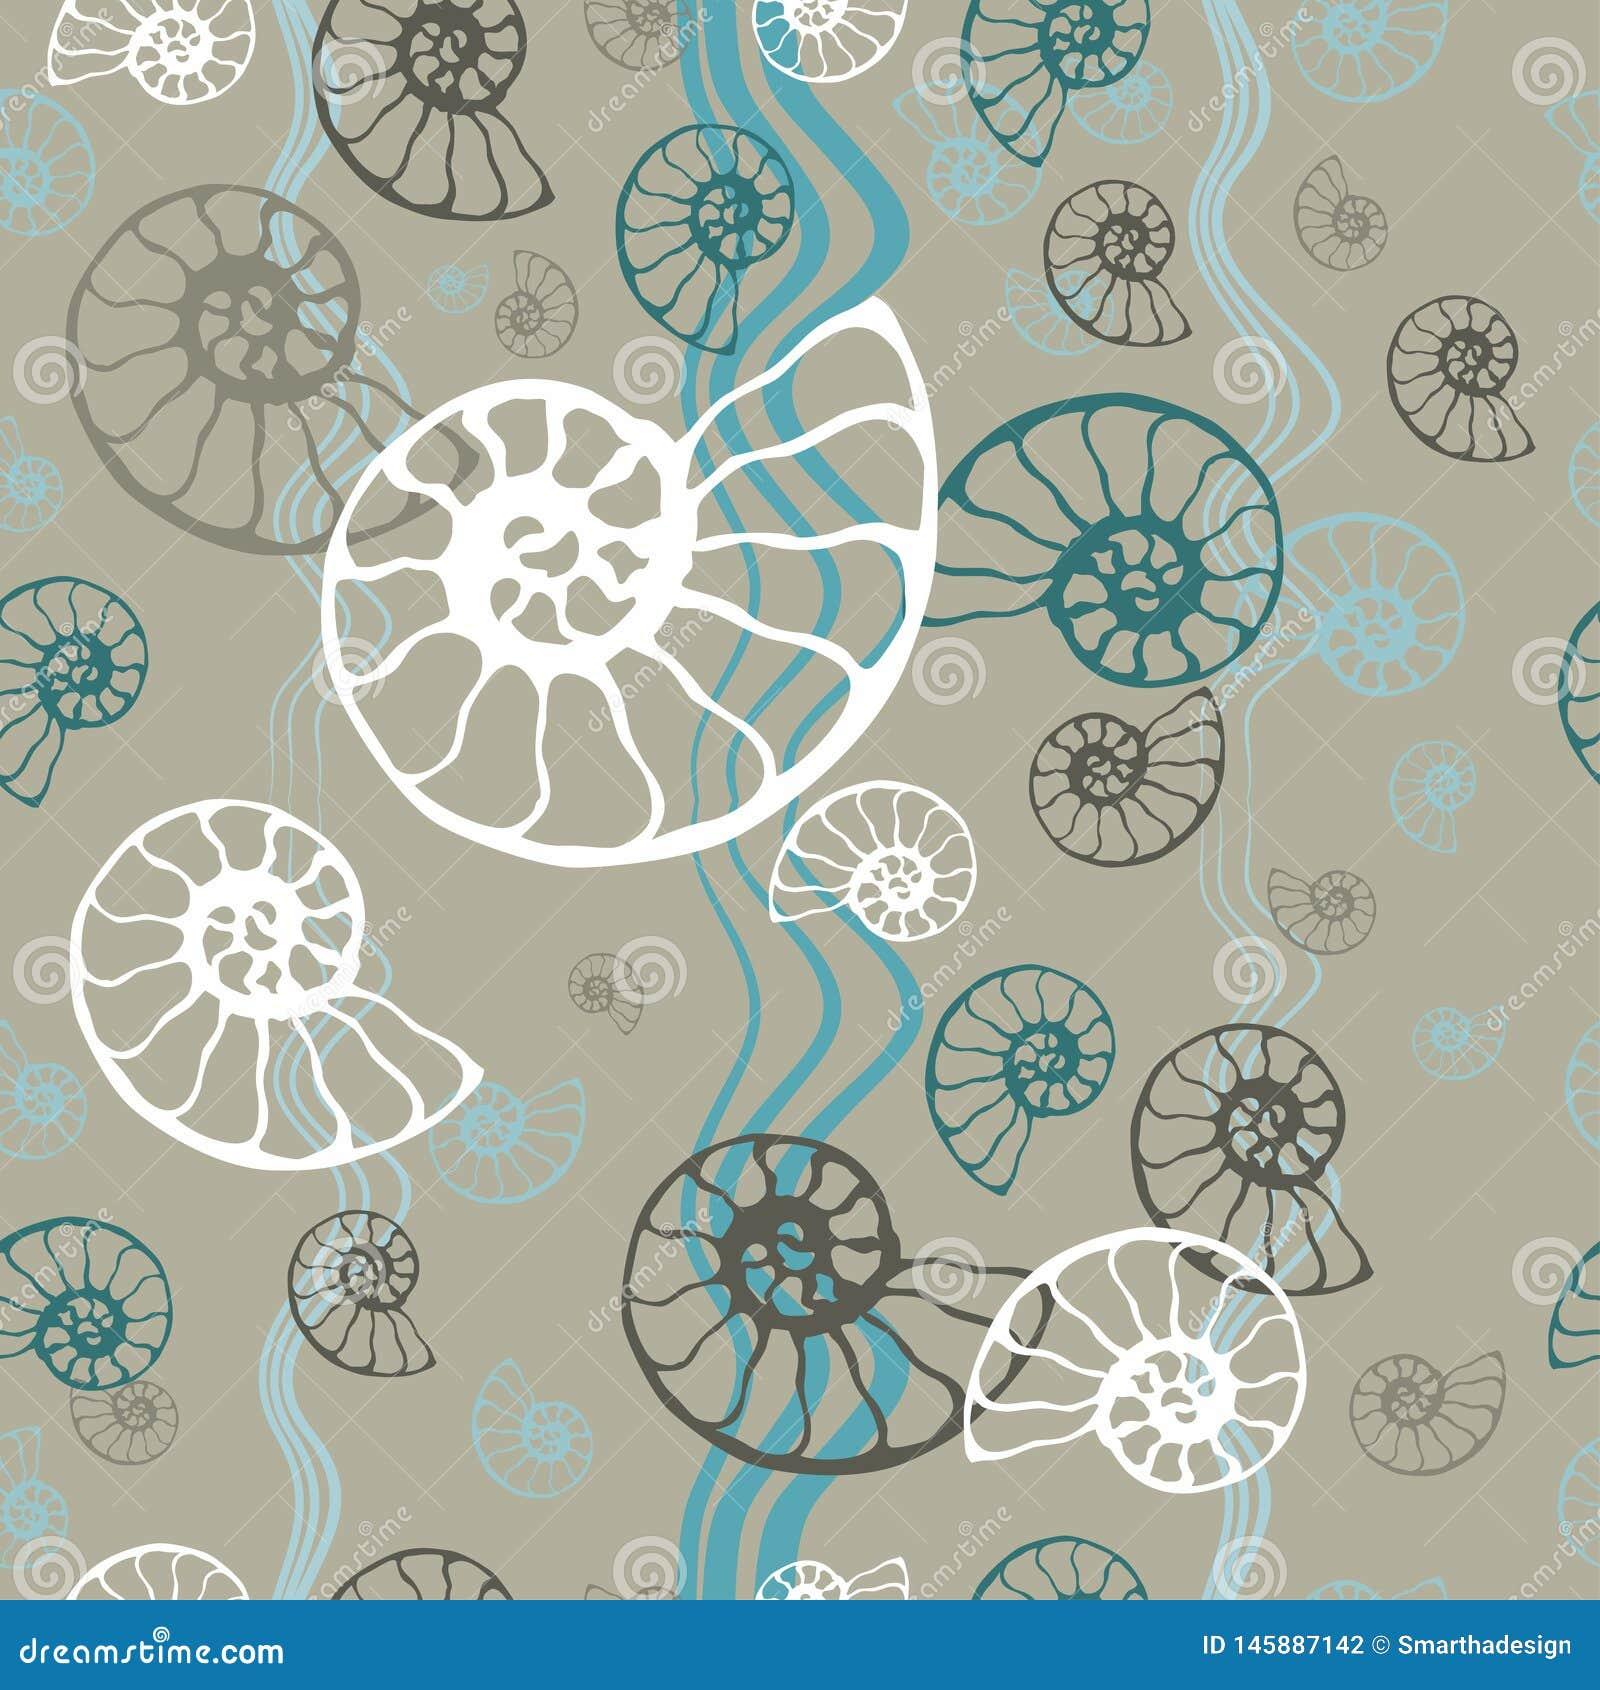 Вектор seashell nautilus аммонита безшовной голубой картины моря ископаемый Иллюстрация руки вычерченная для салона спа, кафа мор